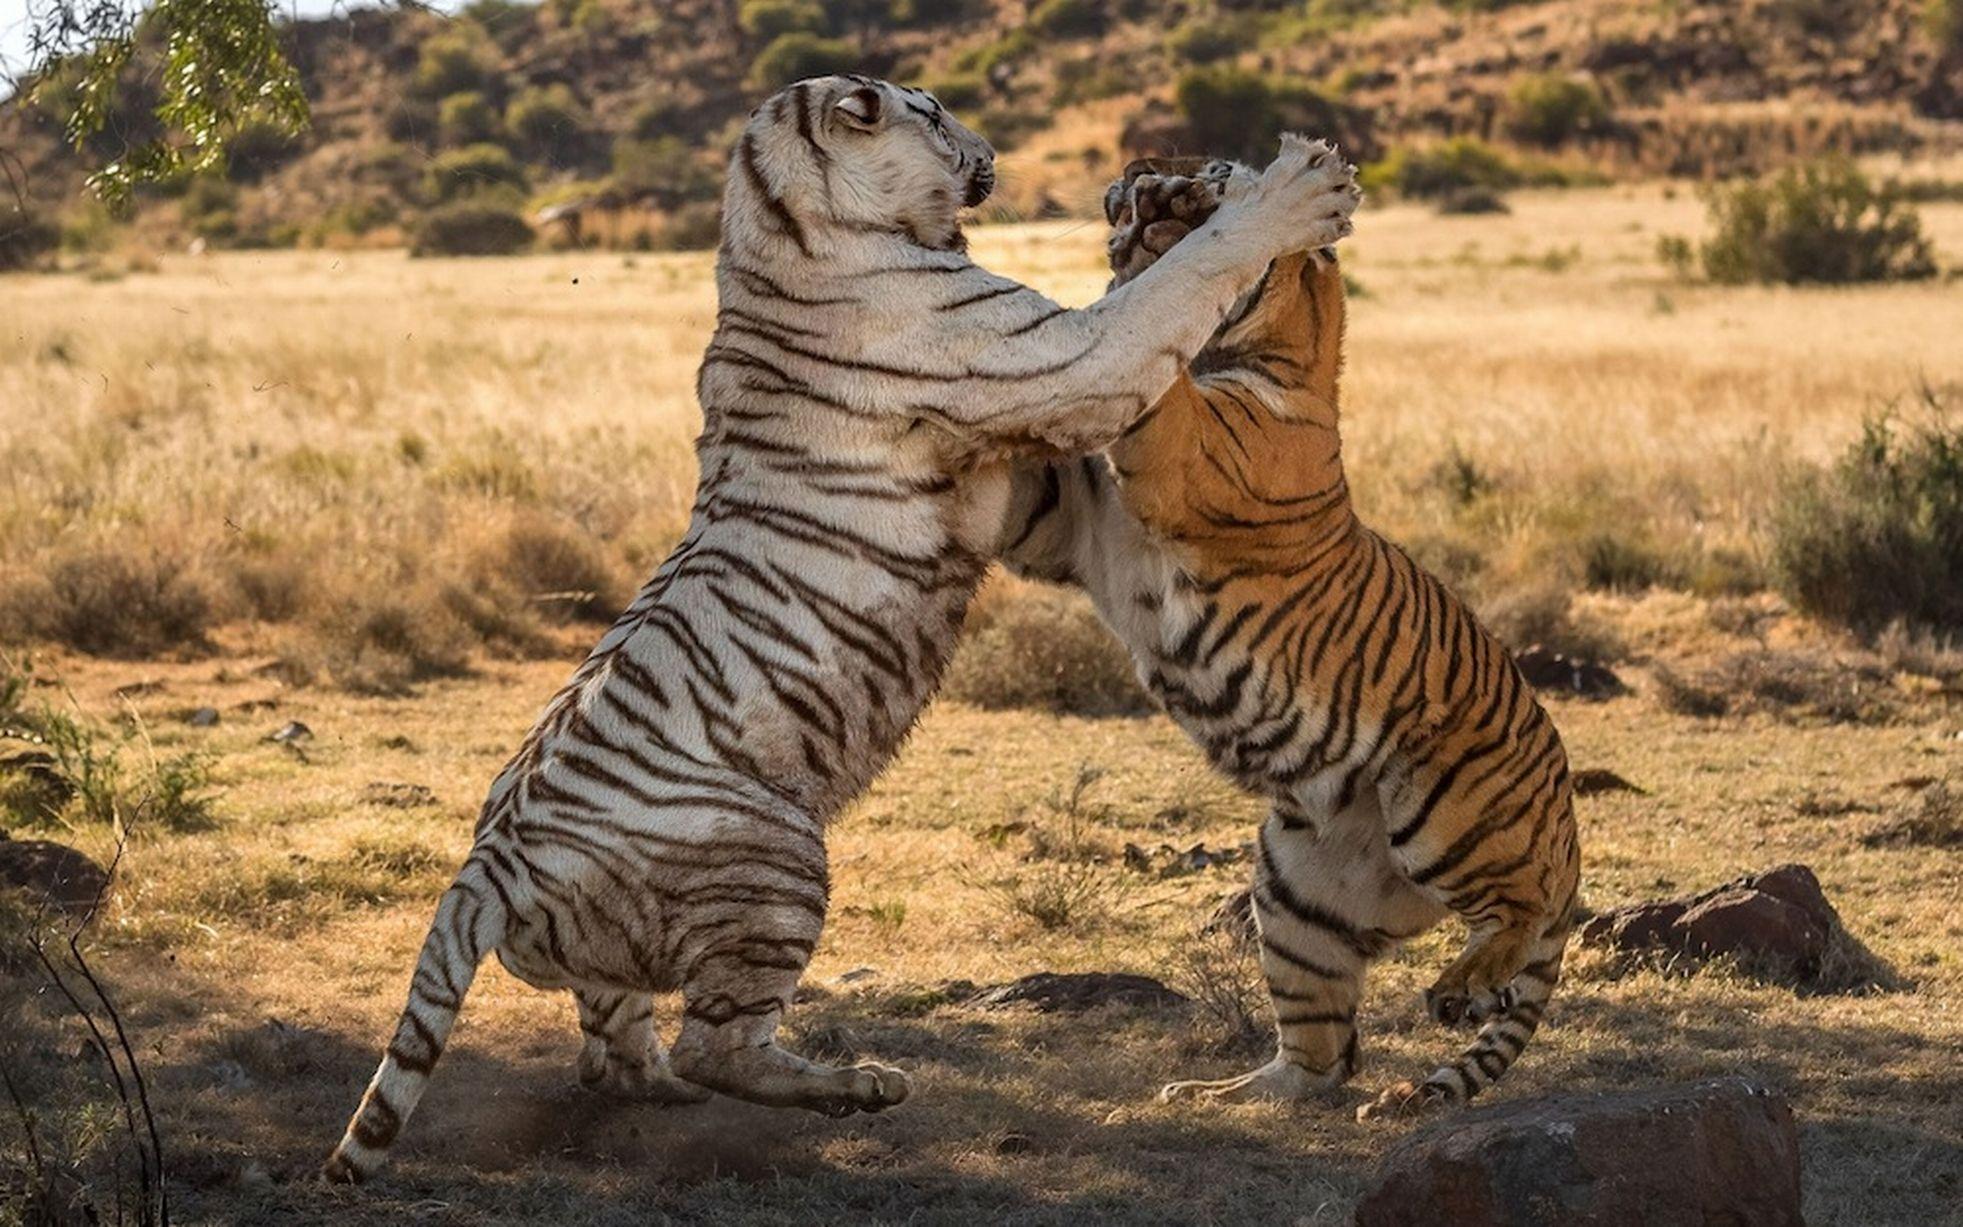 Magnifiques images d'une altercation entre deux tigresses.